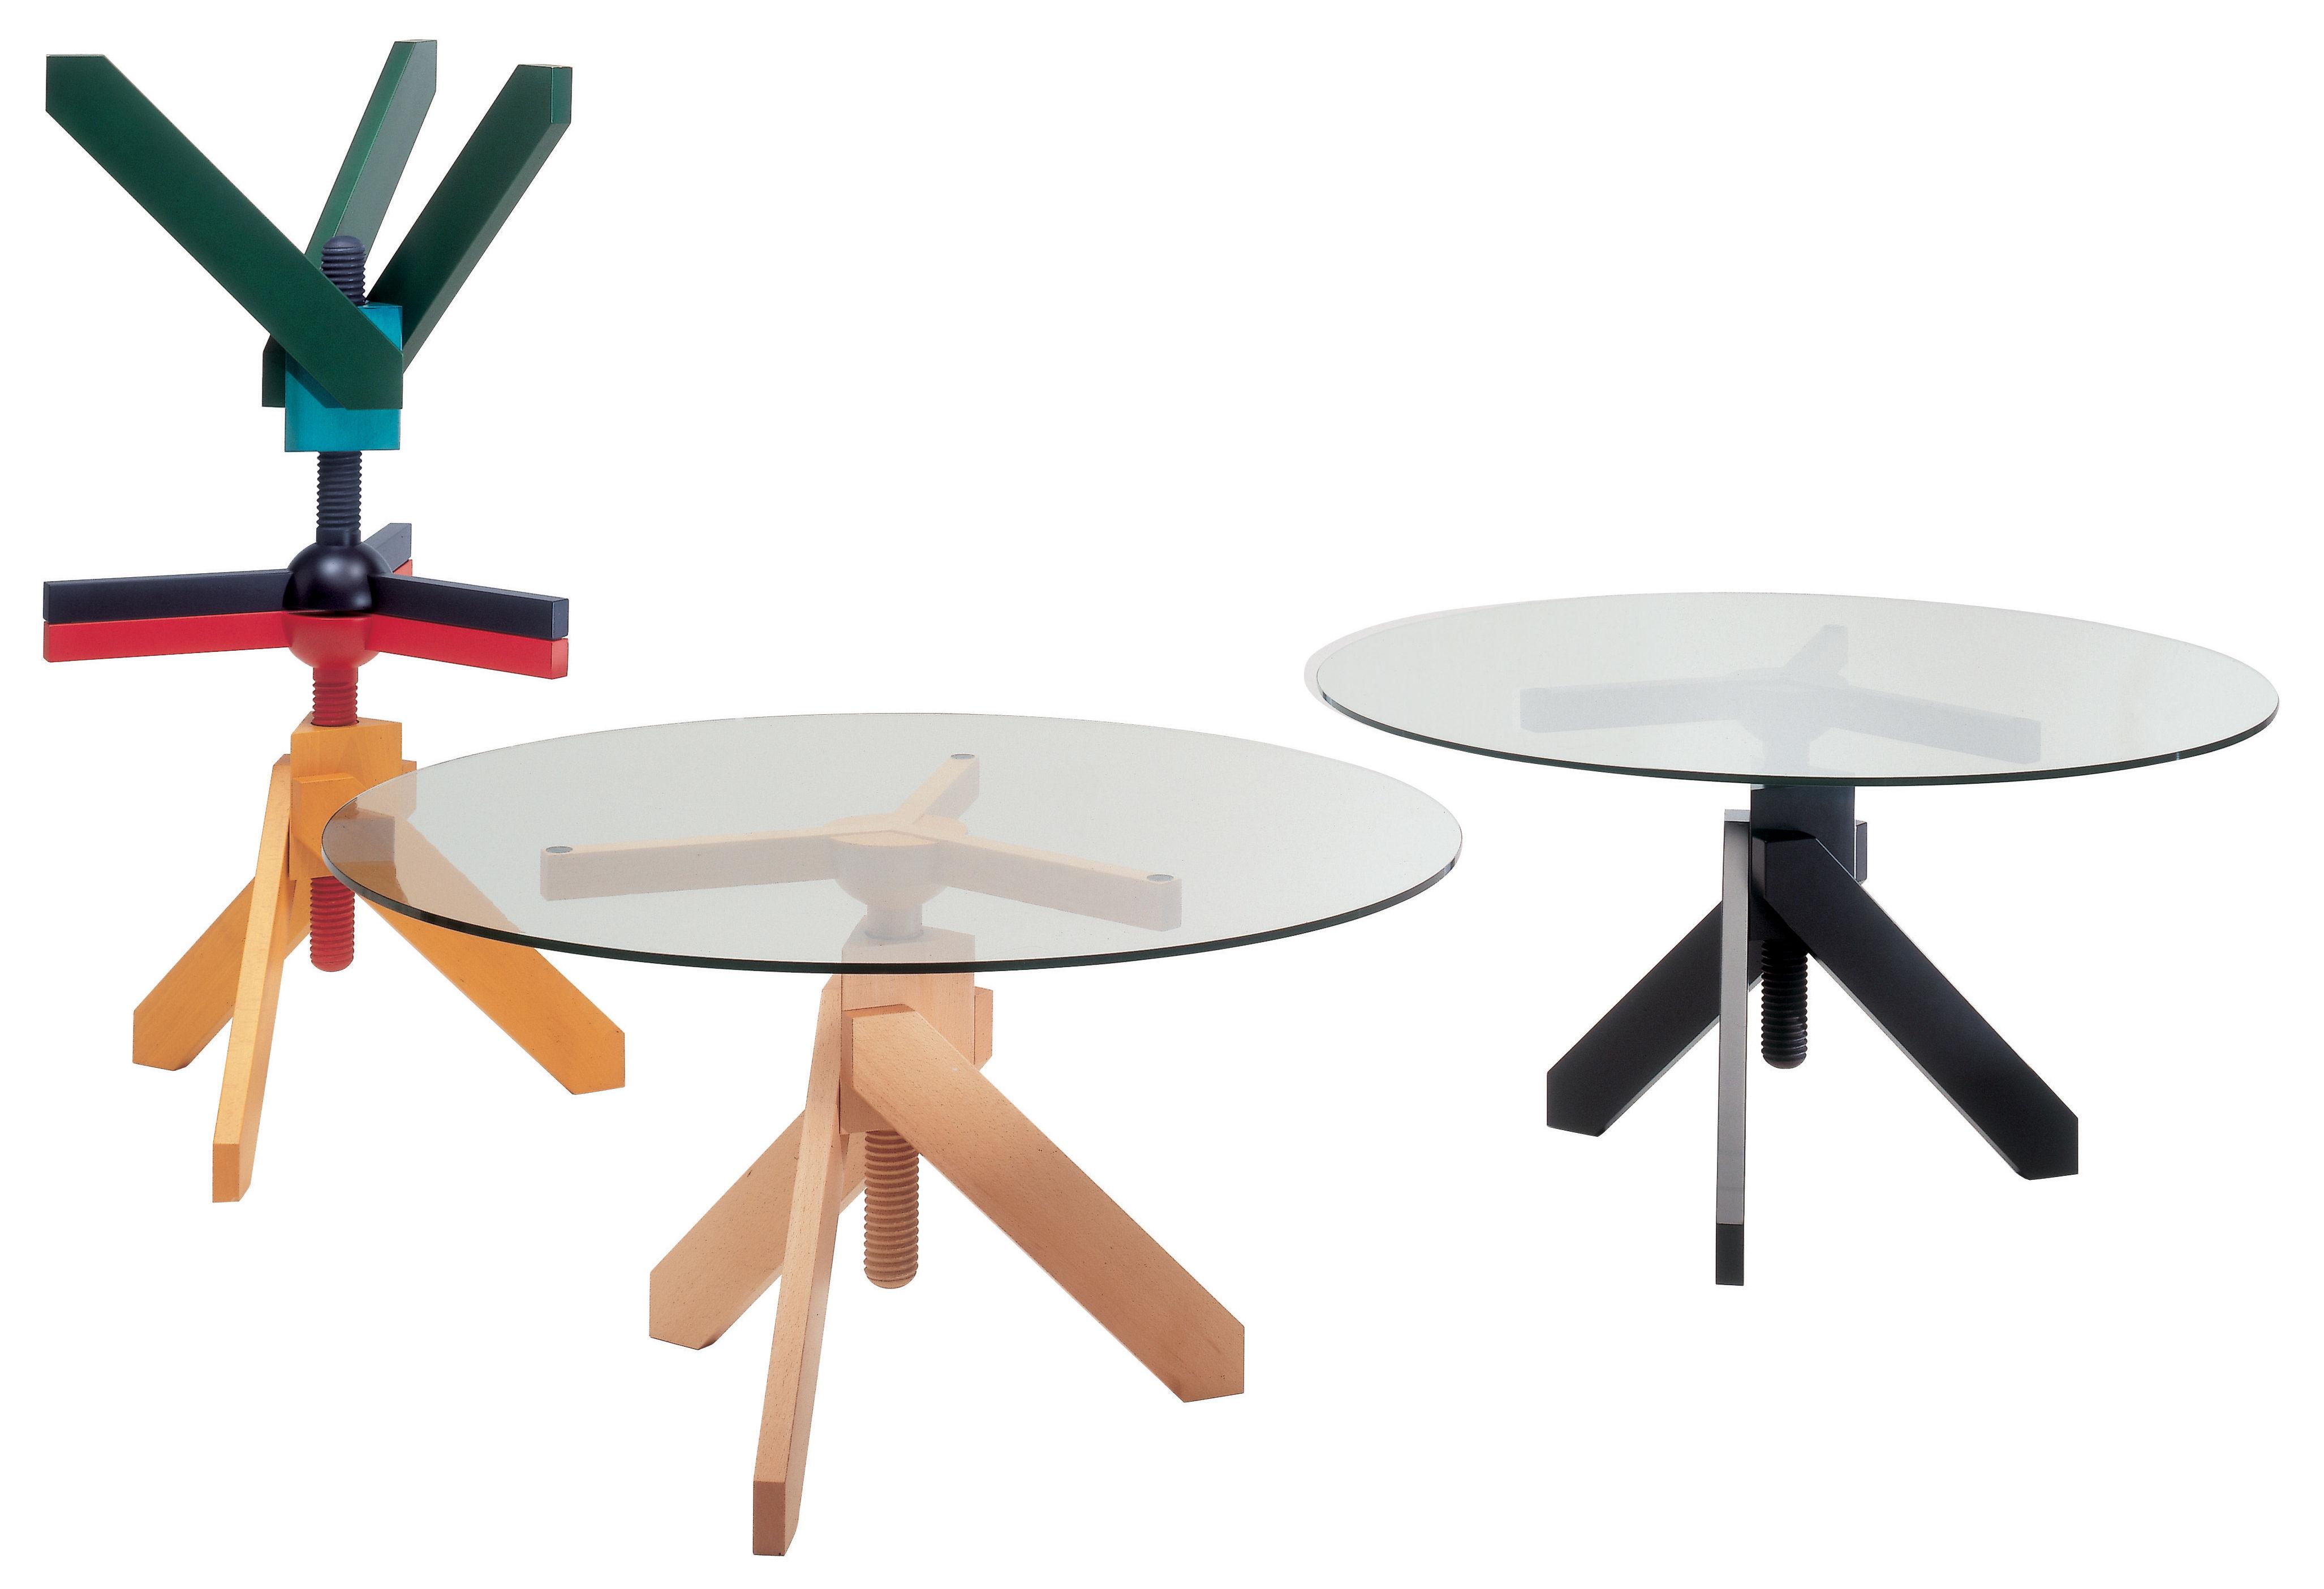 Made in design mobilier contemporain luminaire et - Table jardin hauteur reglable toulouse ...